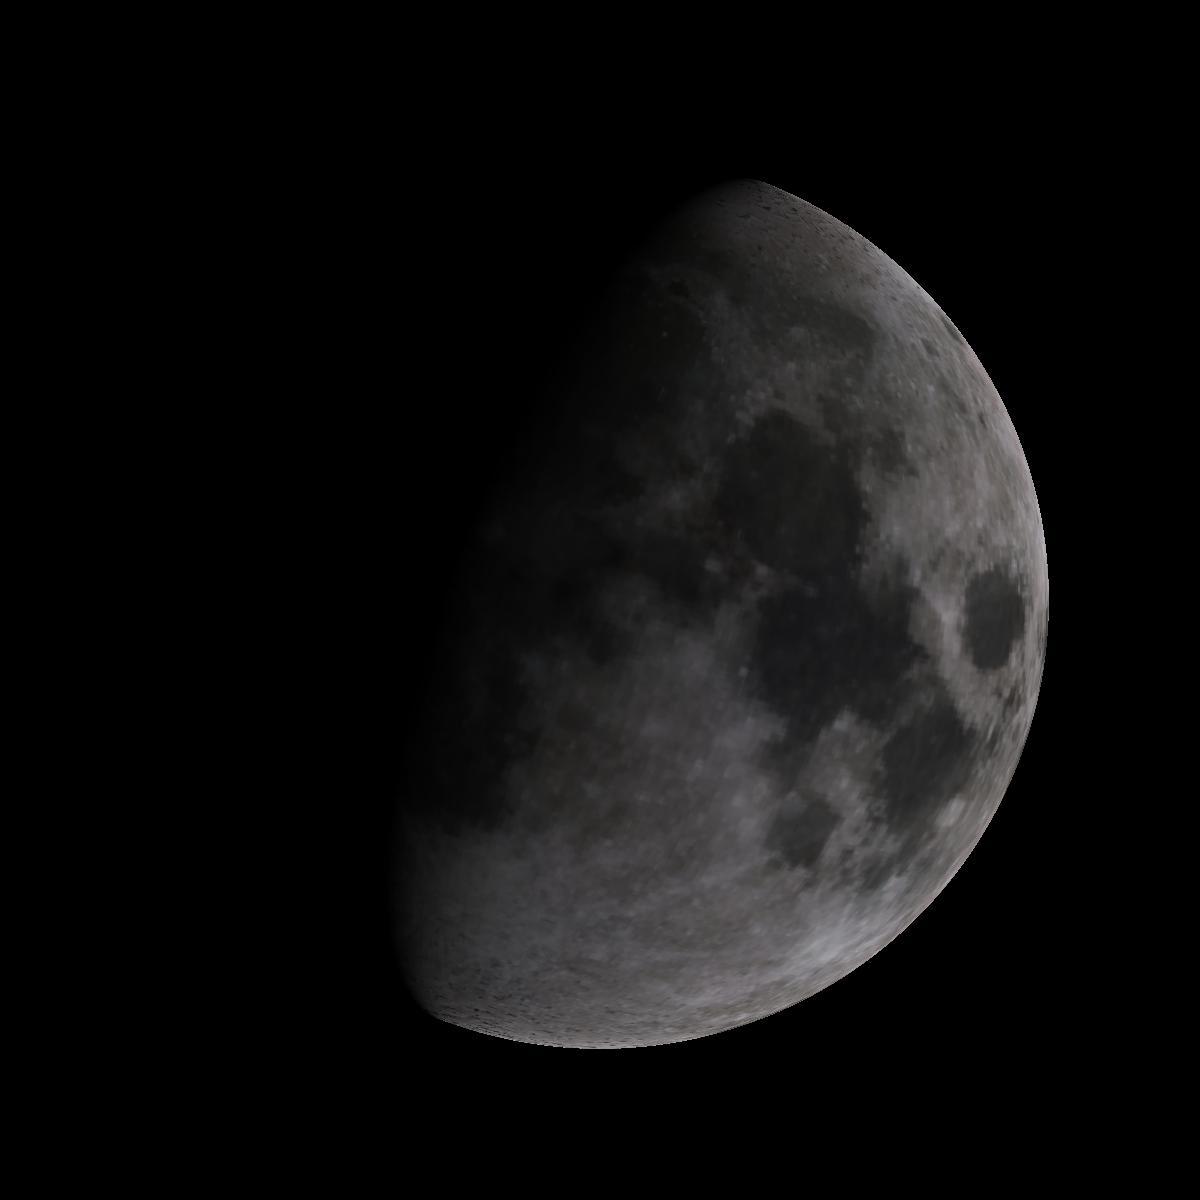 Lune du 5 janvier 2020